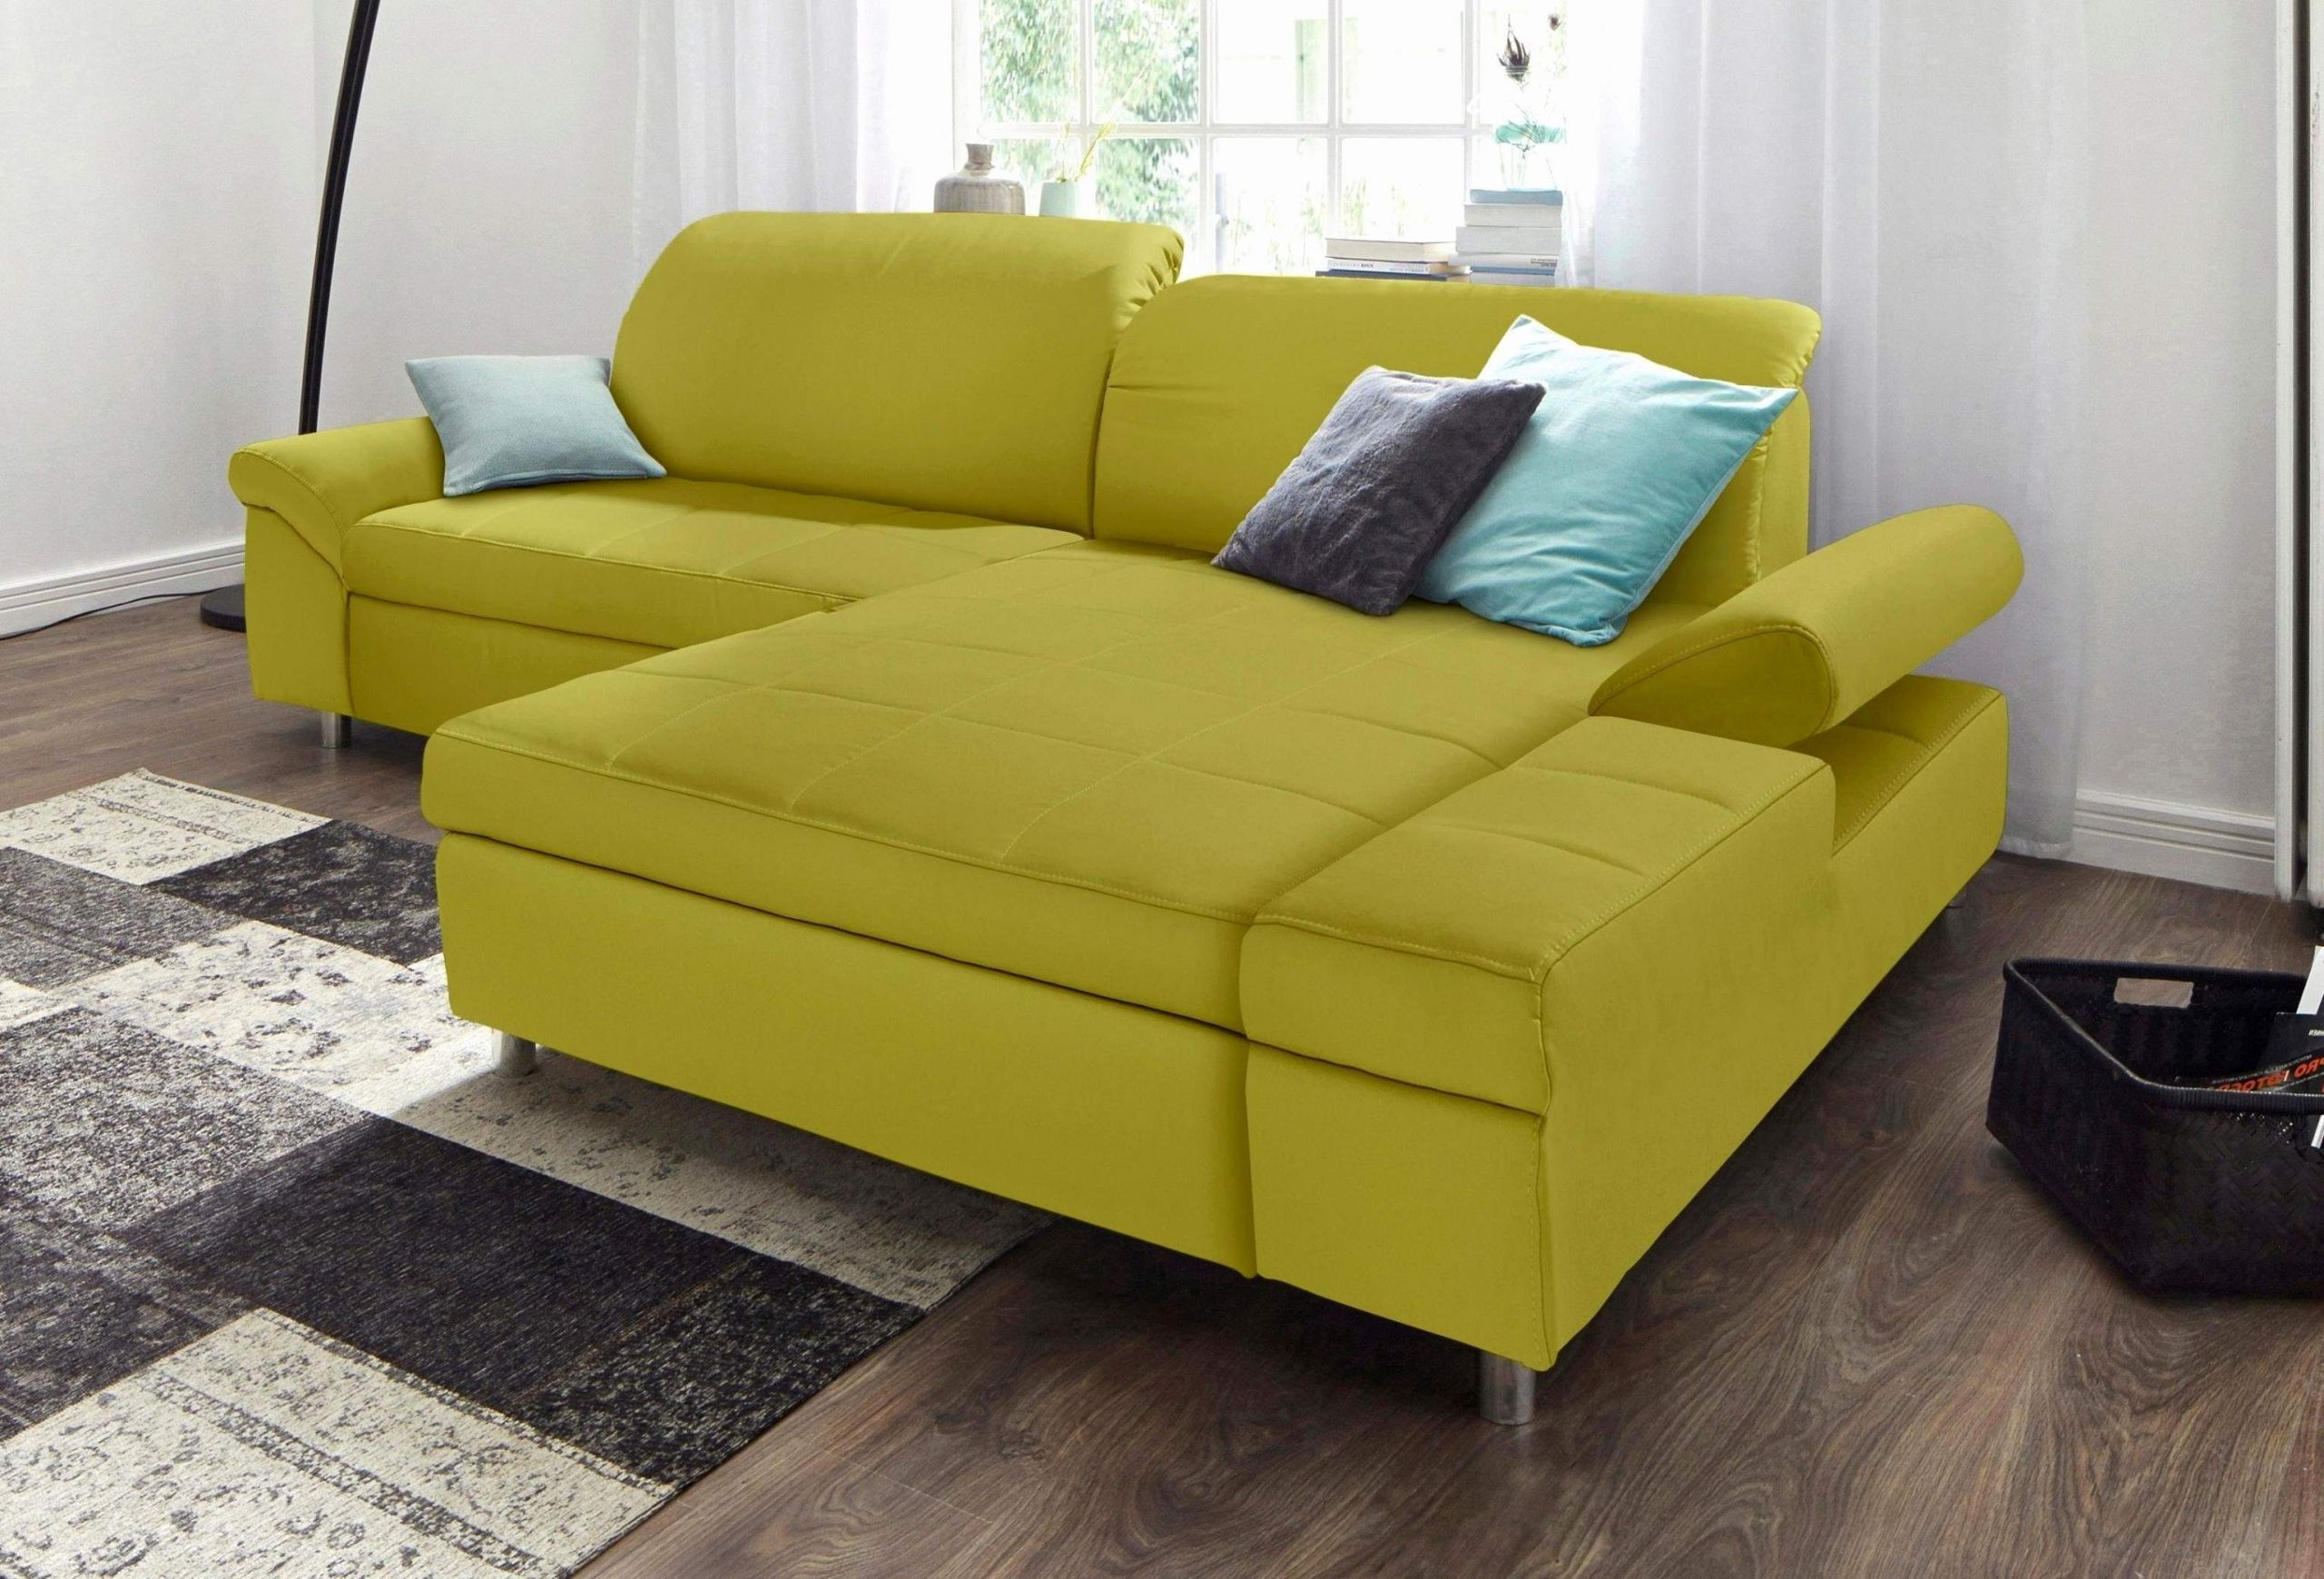 sessel wohnzimmer einzigartig 40 luxus wohnzimmer sessel of sessel wohnzimmer